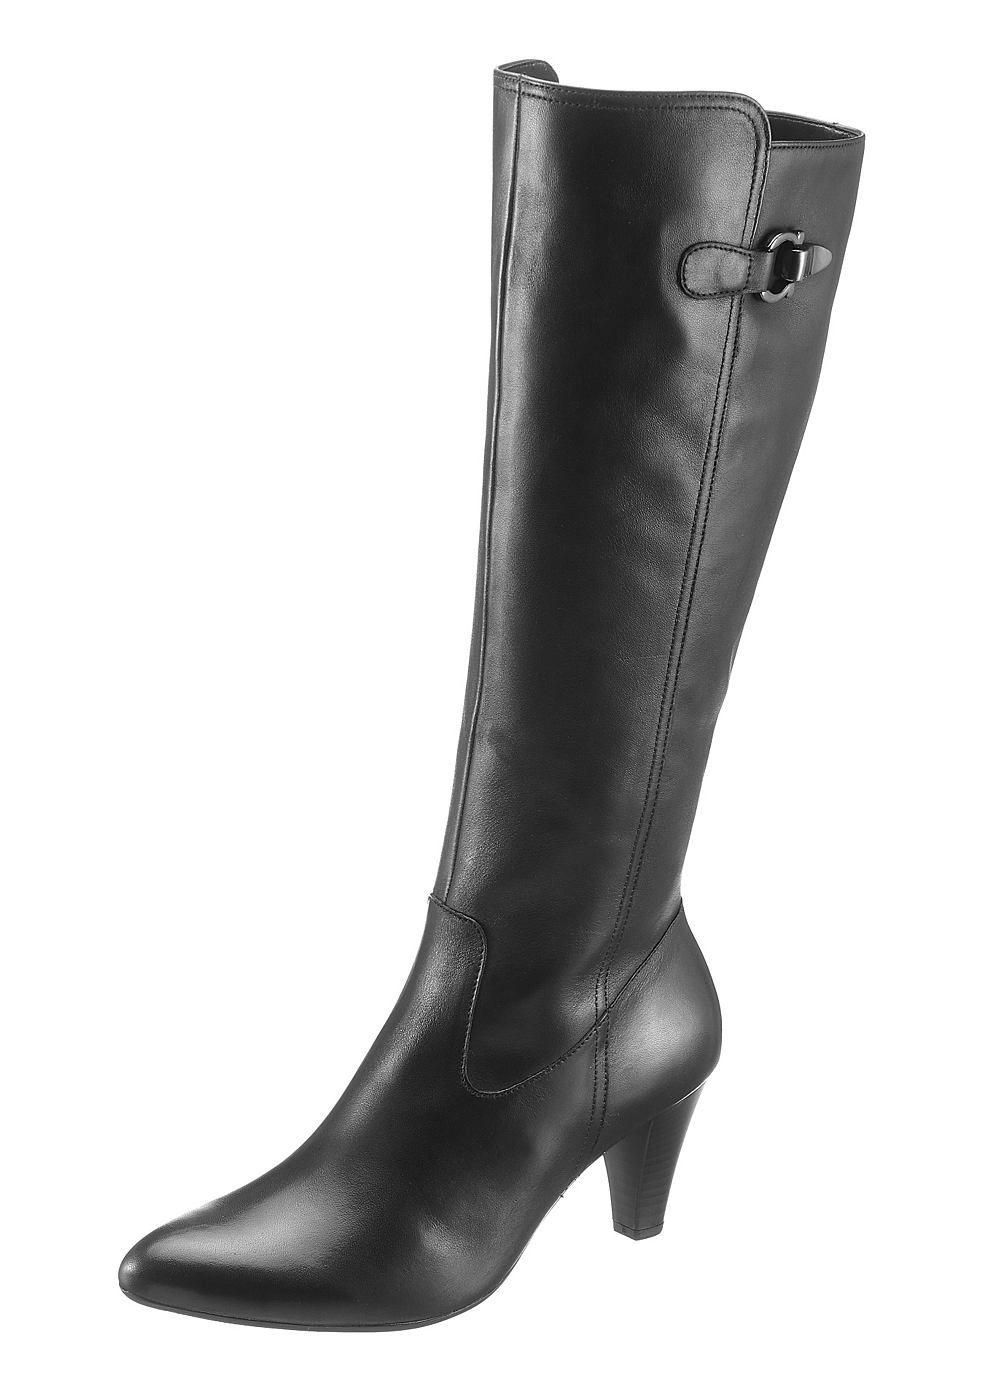 a617f48f51f466 Gabor Stiefel mit modischen Raffungen